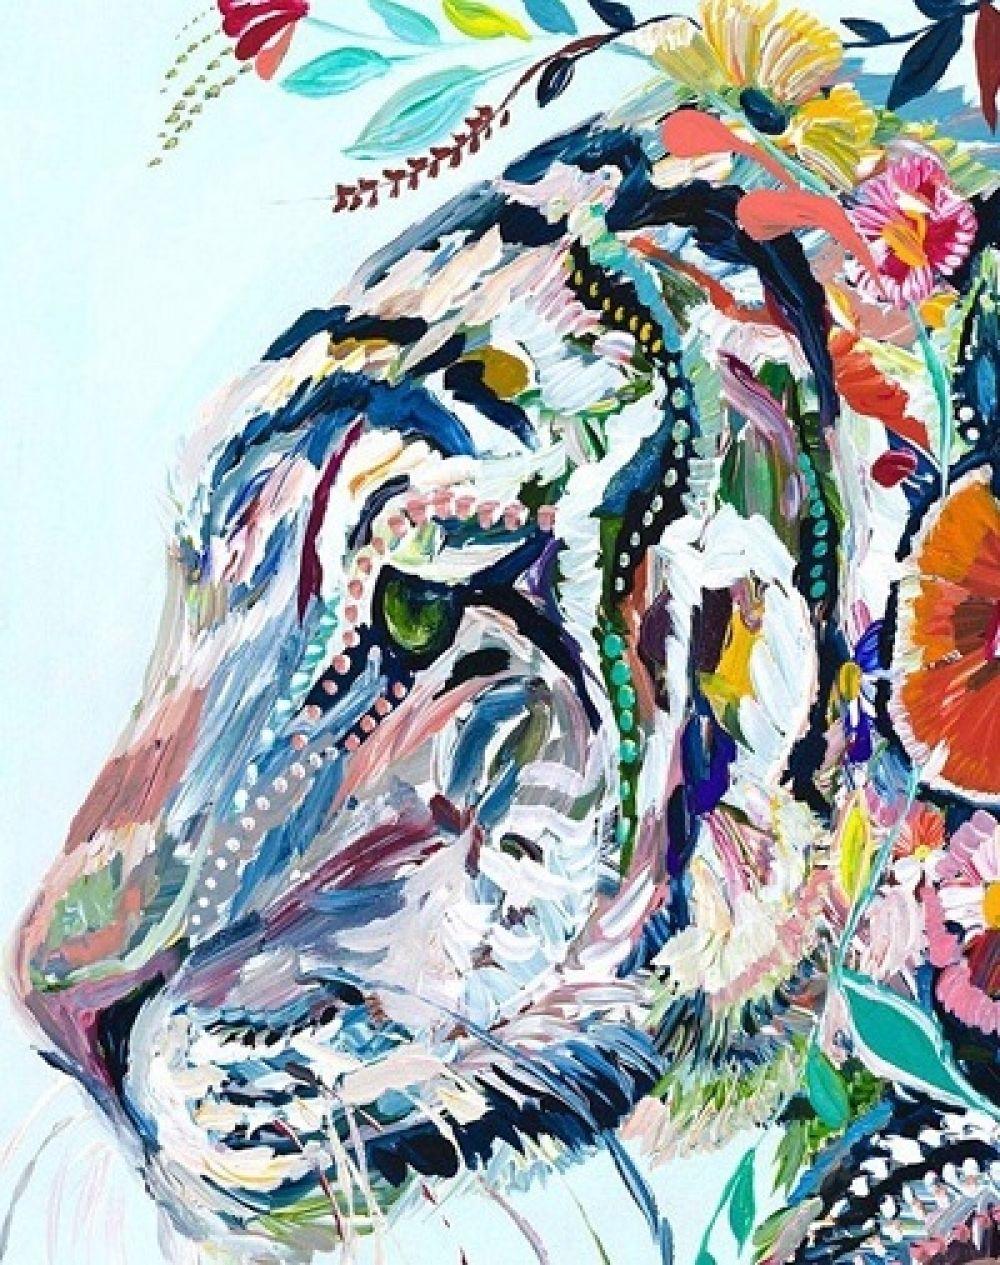 Malen Nach Zahlen Das Beste Hobby Des Jahres Unsere Sets Sind Verfugbar Fur 17 95 Https Paintbynumber De Malennachzahle In 2020 Kunst Ideen Tiergemalde Idee Farbe